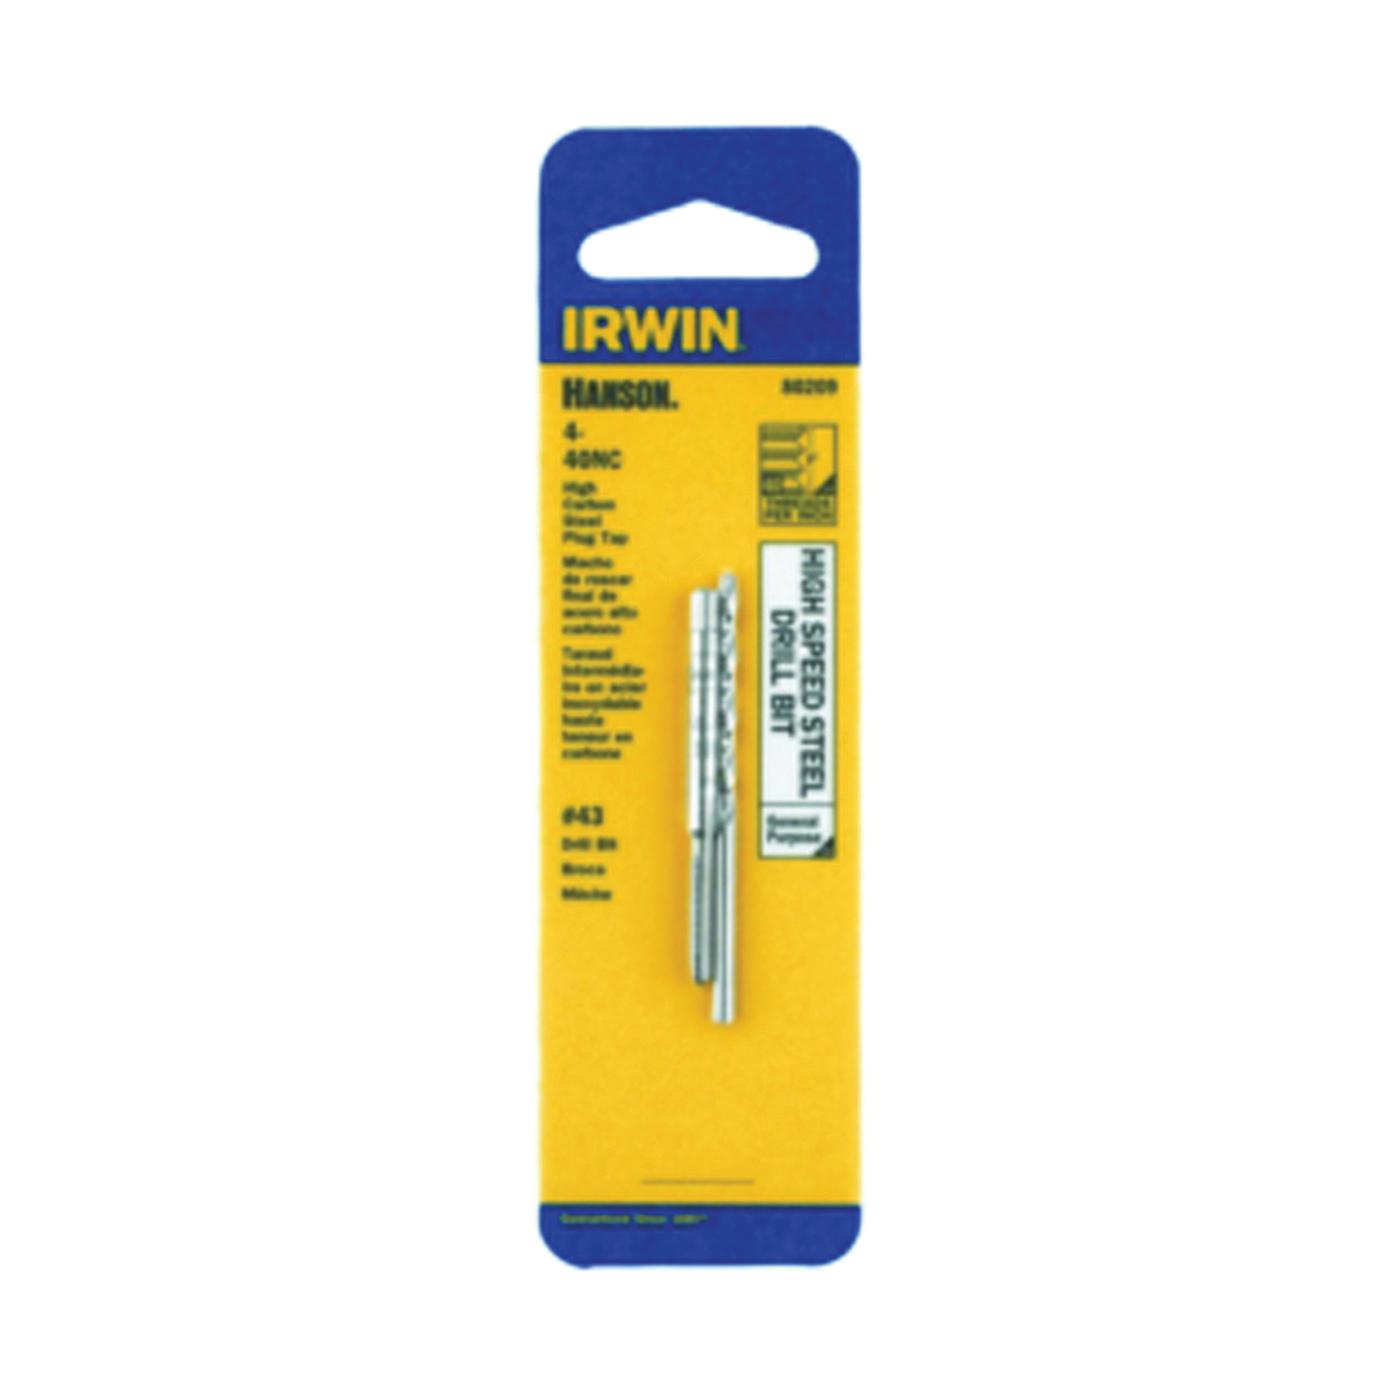 Picture of IRWIN 8032 Machine Screw Tap, #12-24 NC Thread, Plug Tap Thread, 4 -Flute, HCS